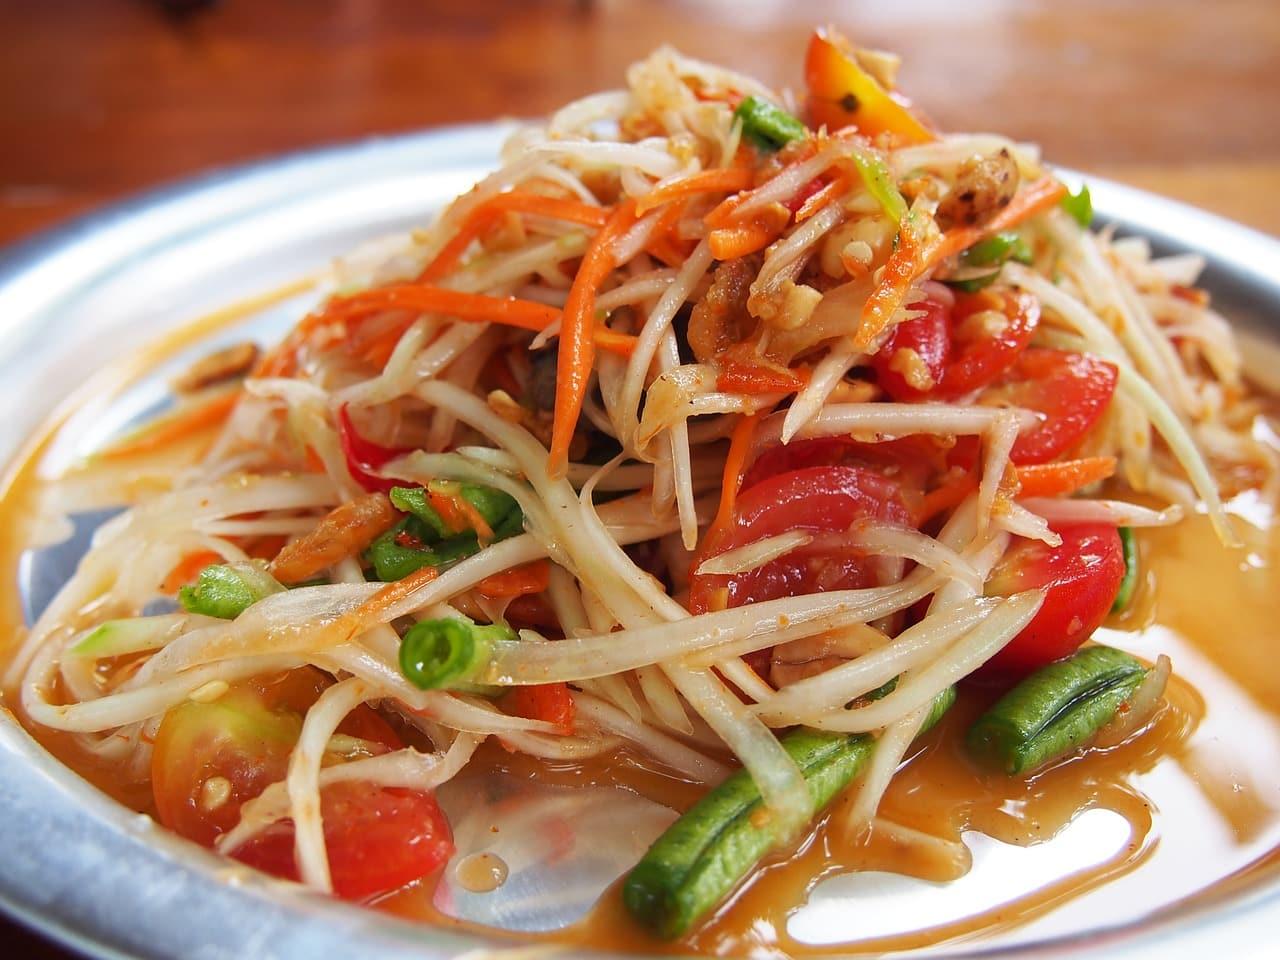 papaya salad 710613 1280 - 7 วิธีคลายร้อนง่ายๆ ร้อนแค่ไหนเราก็ไม่กลัว!